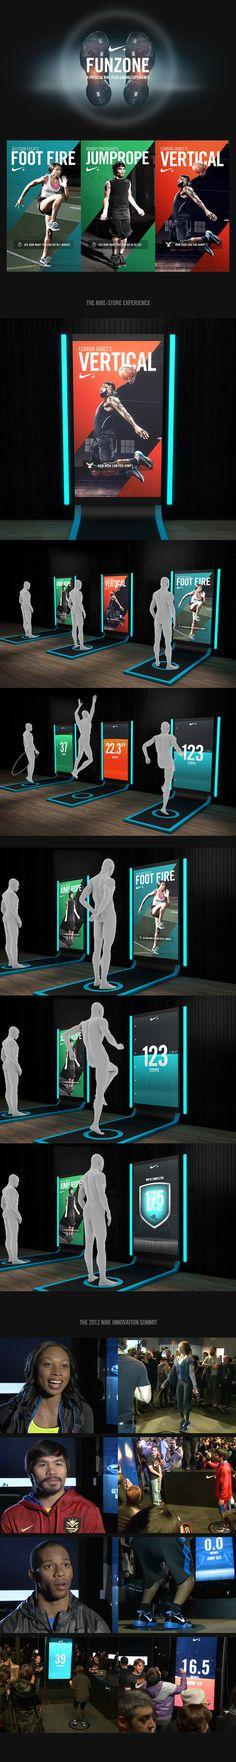 Nike+ FunZone on Behance